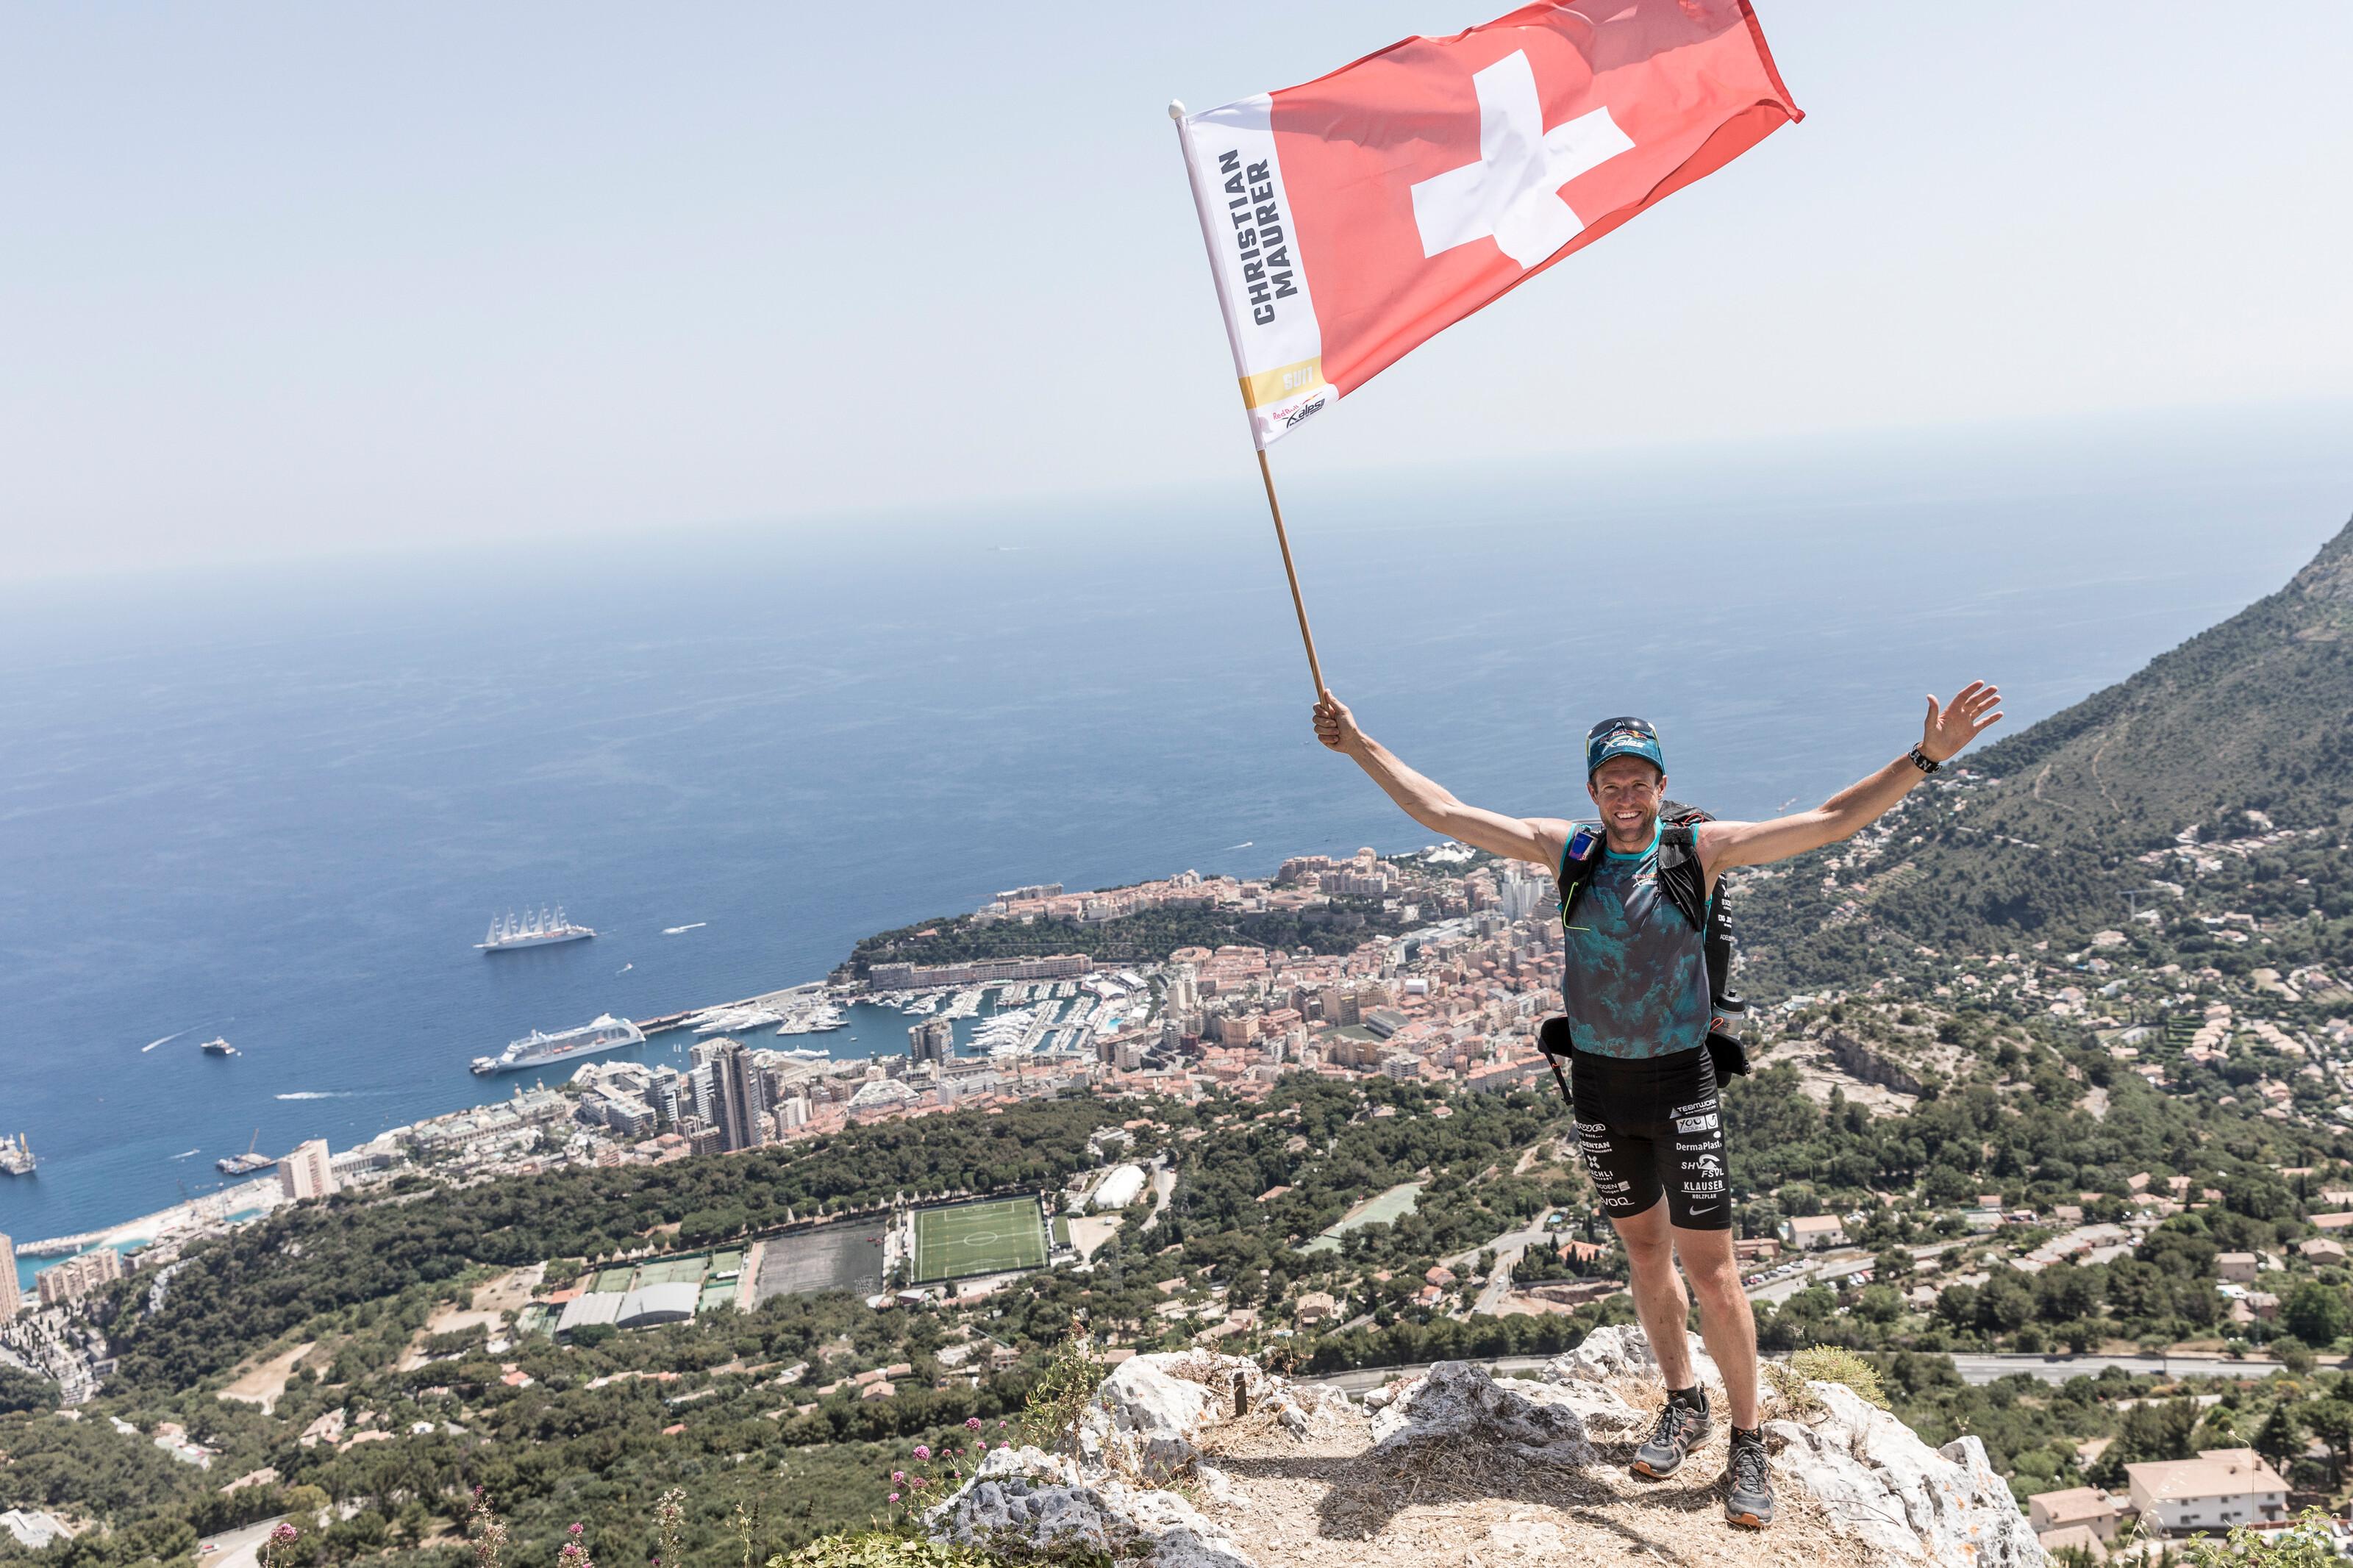 Christian Maurer triumfuje po raz 6. w Red Bull X-Alps (fot. Harald Tauderer / Red Bull Content Pool)